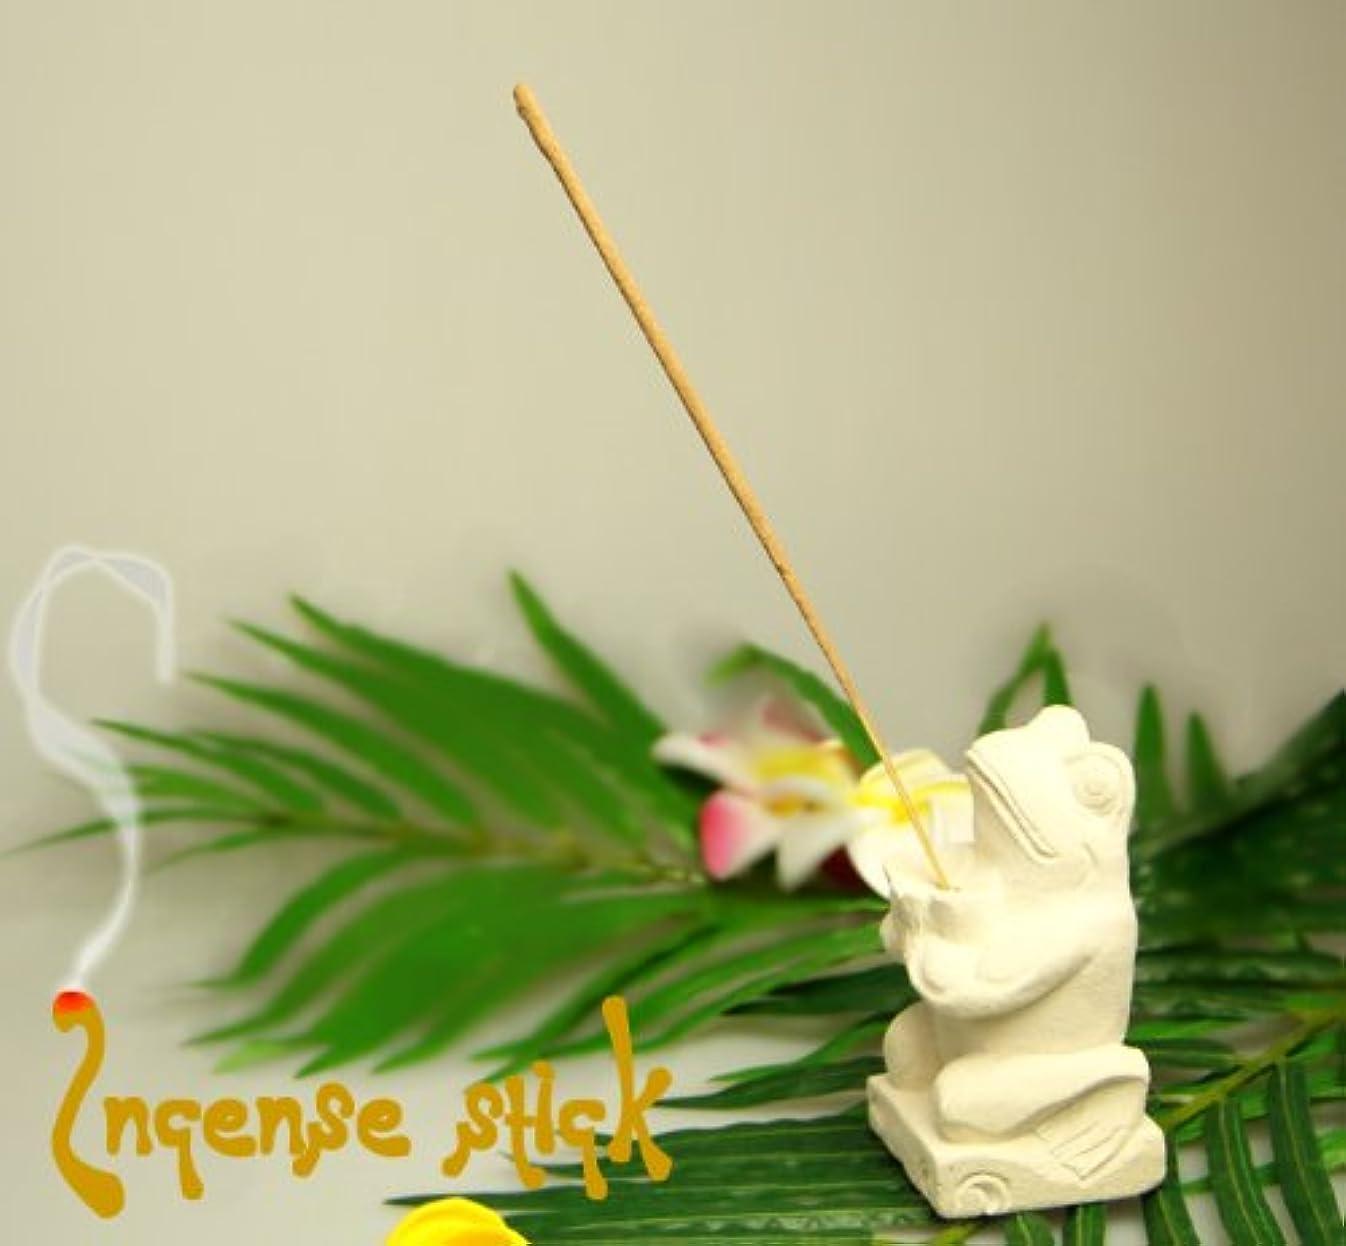 プルメリアの葉っぱで出来たケースに入ったスティックタイプお香20本 (ストロベリー)